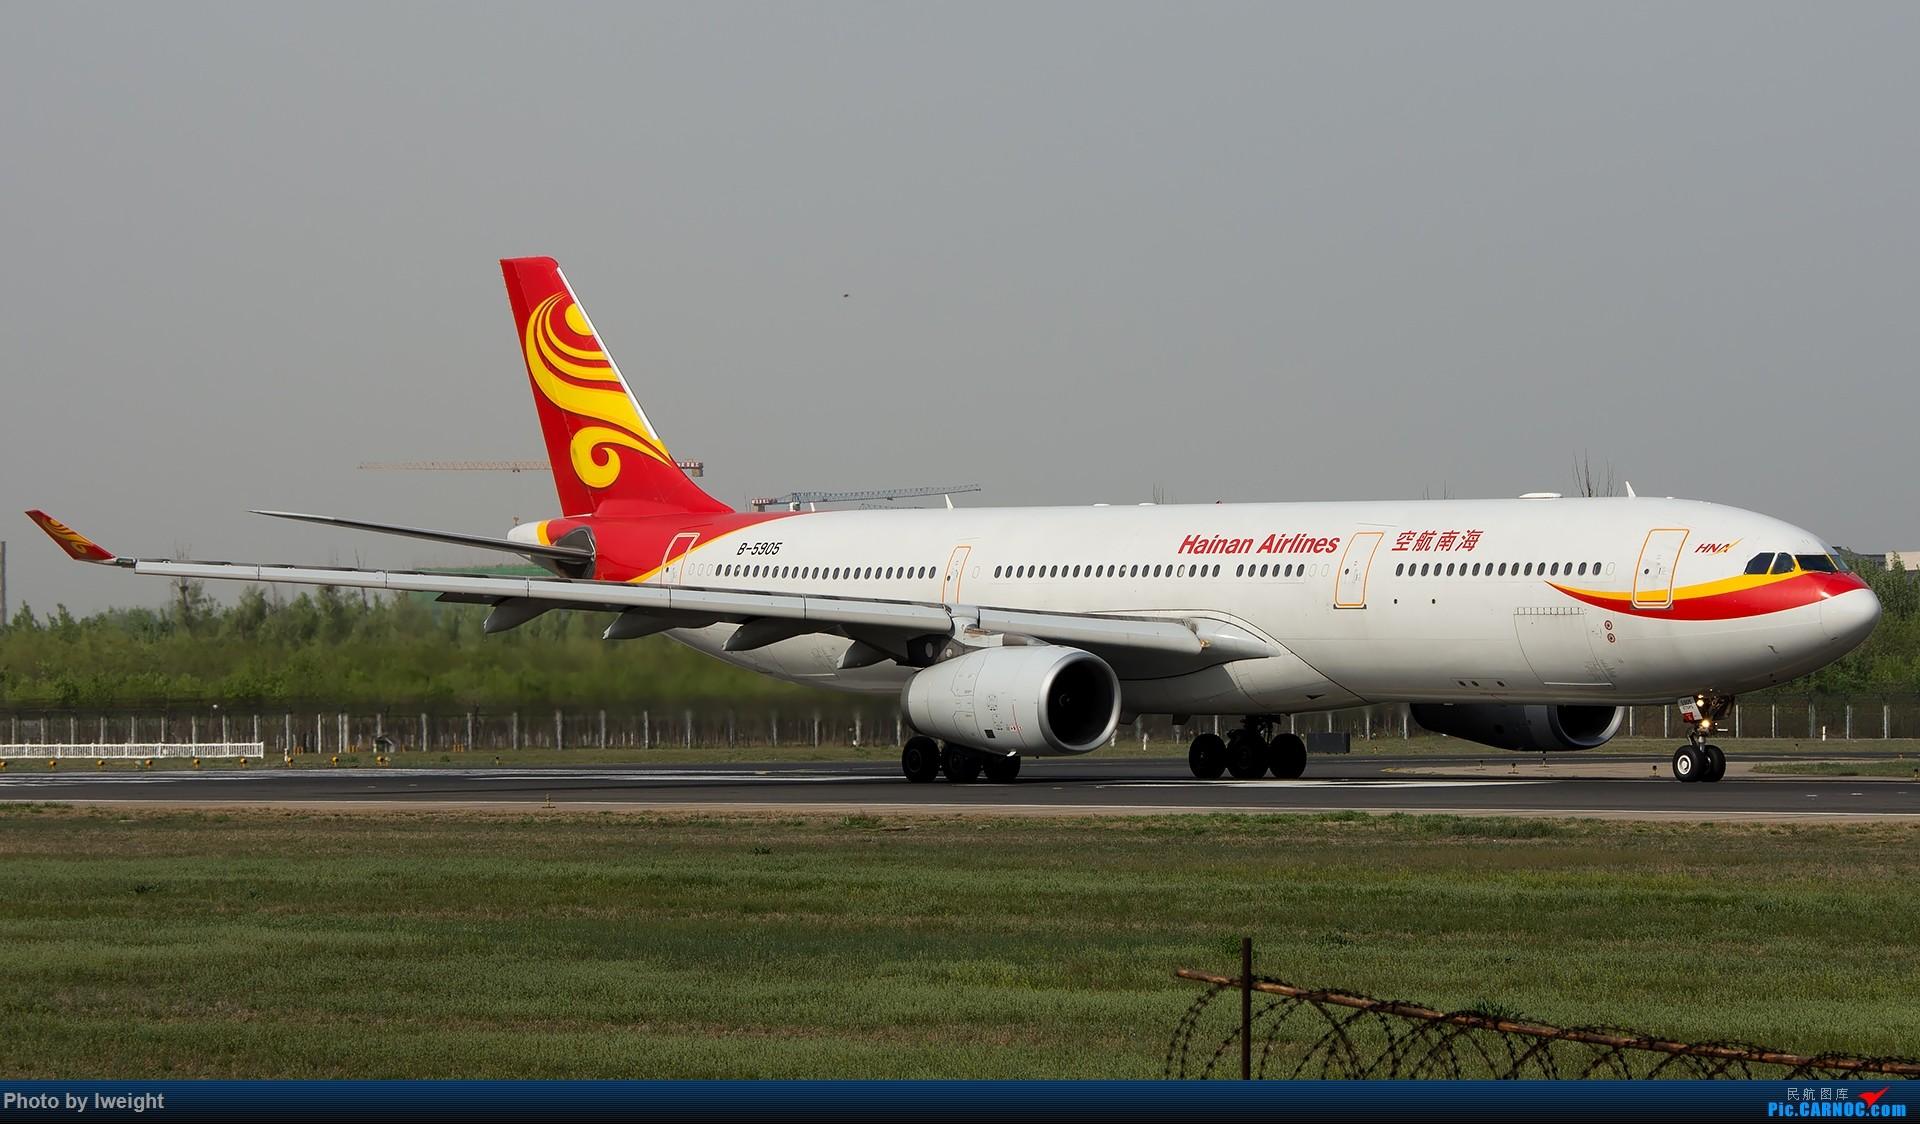 Re:[原创]天气晴朗,继续守候18R【多图】 AIRBUS A330-300 B-5905 中国北京首都国际机场